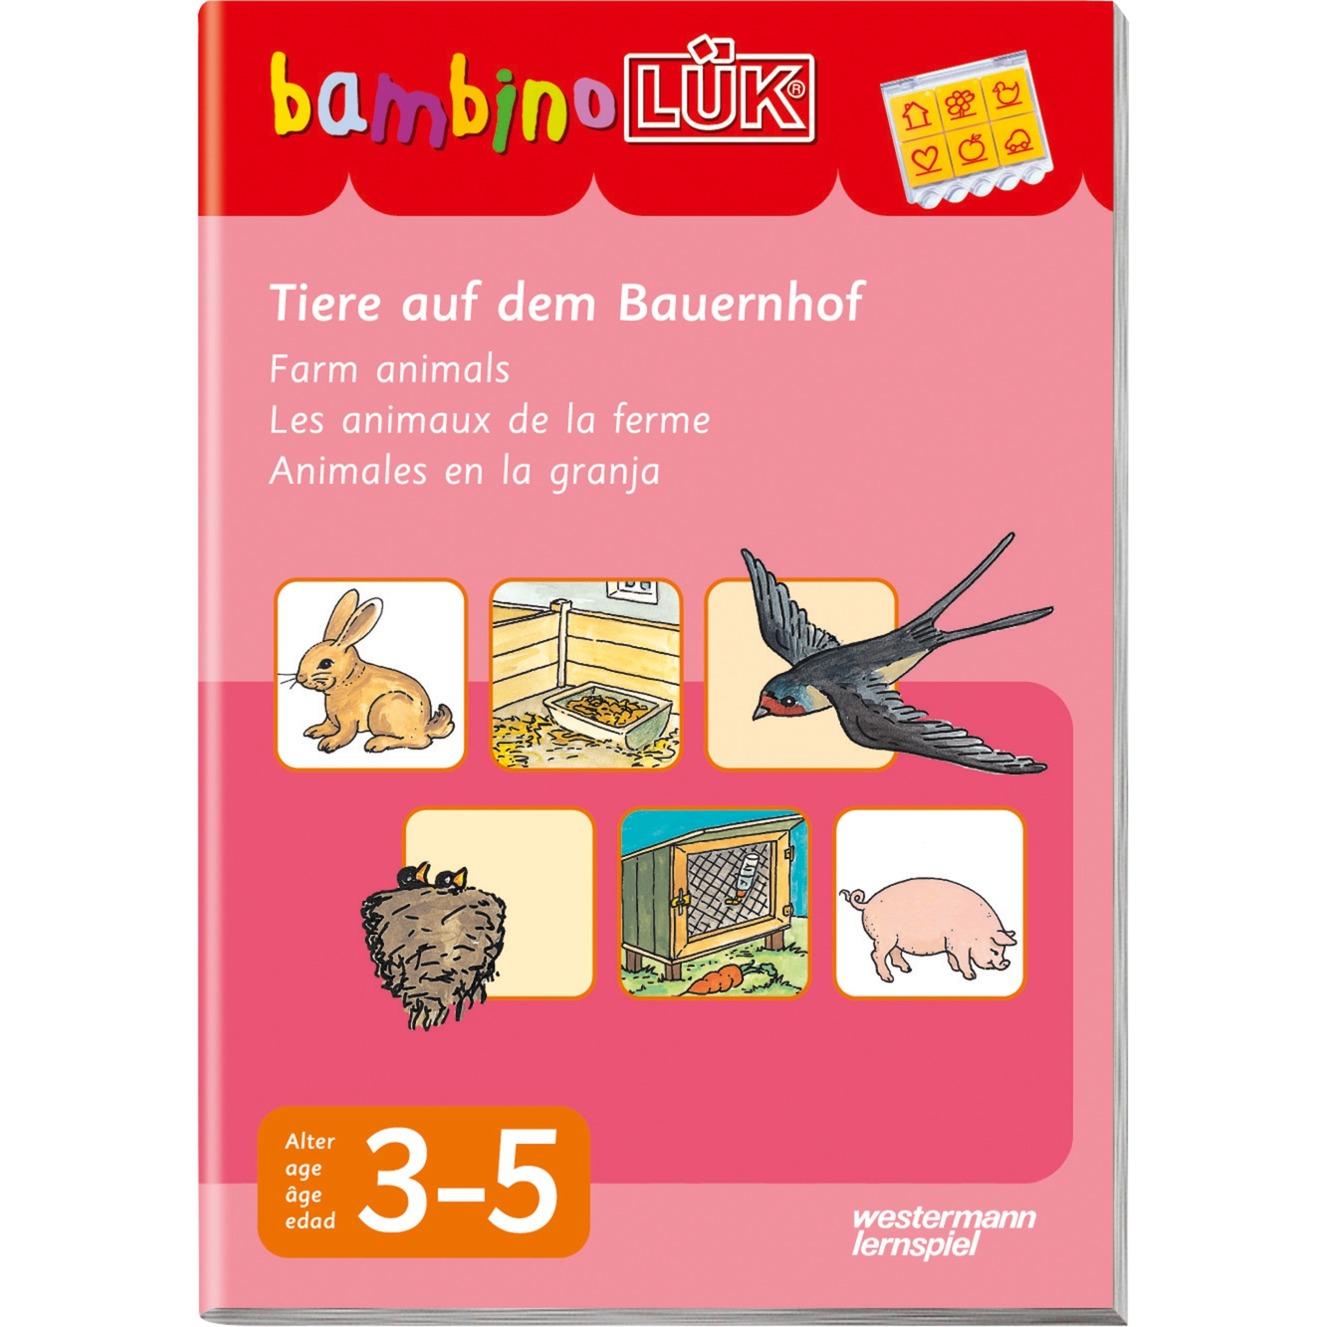 Tiere auf dem Bauernhof livre pour enfants, Manuel